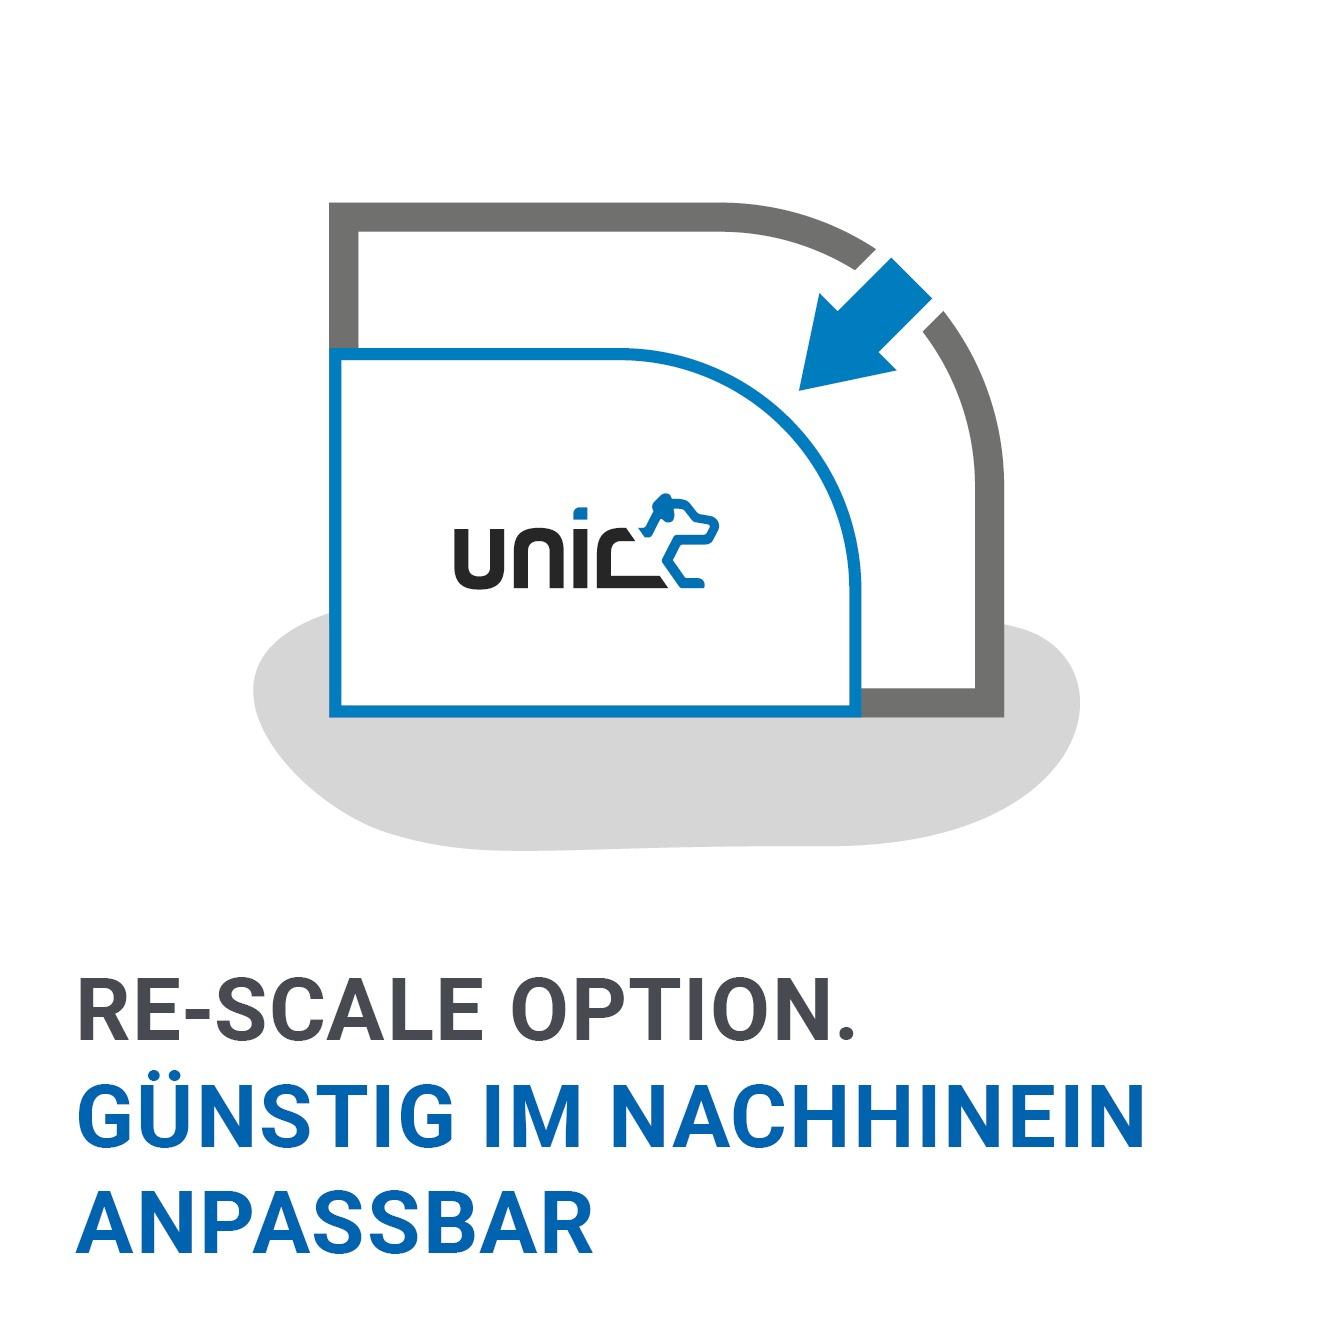 unic Vorteil 9 - Die Alu Hundeboxen können mit unic Re-Scale im Nachhinein angepasst werden